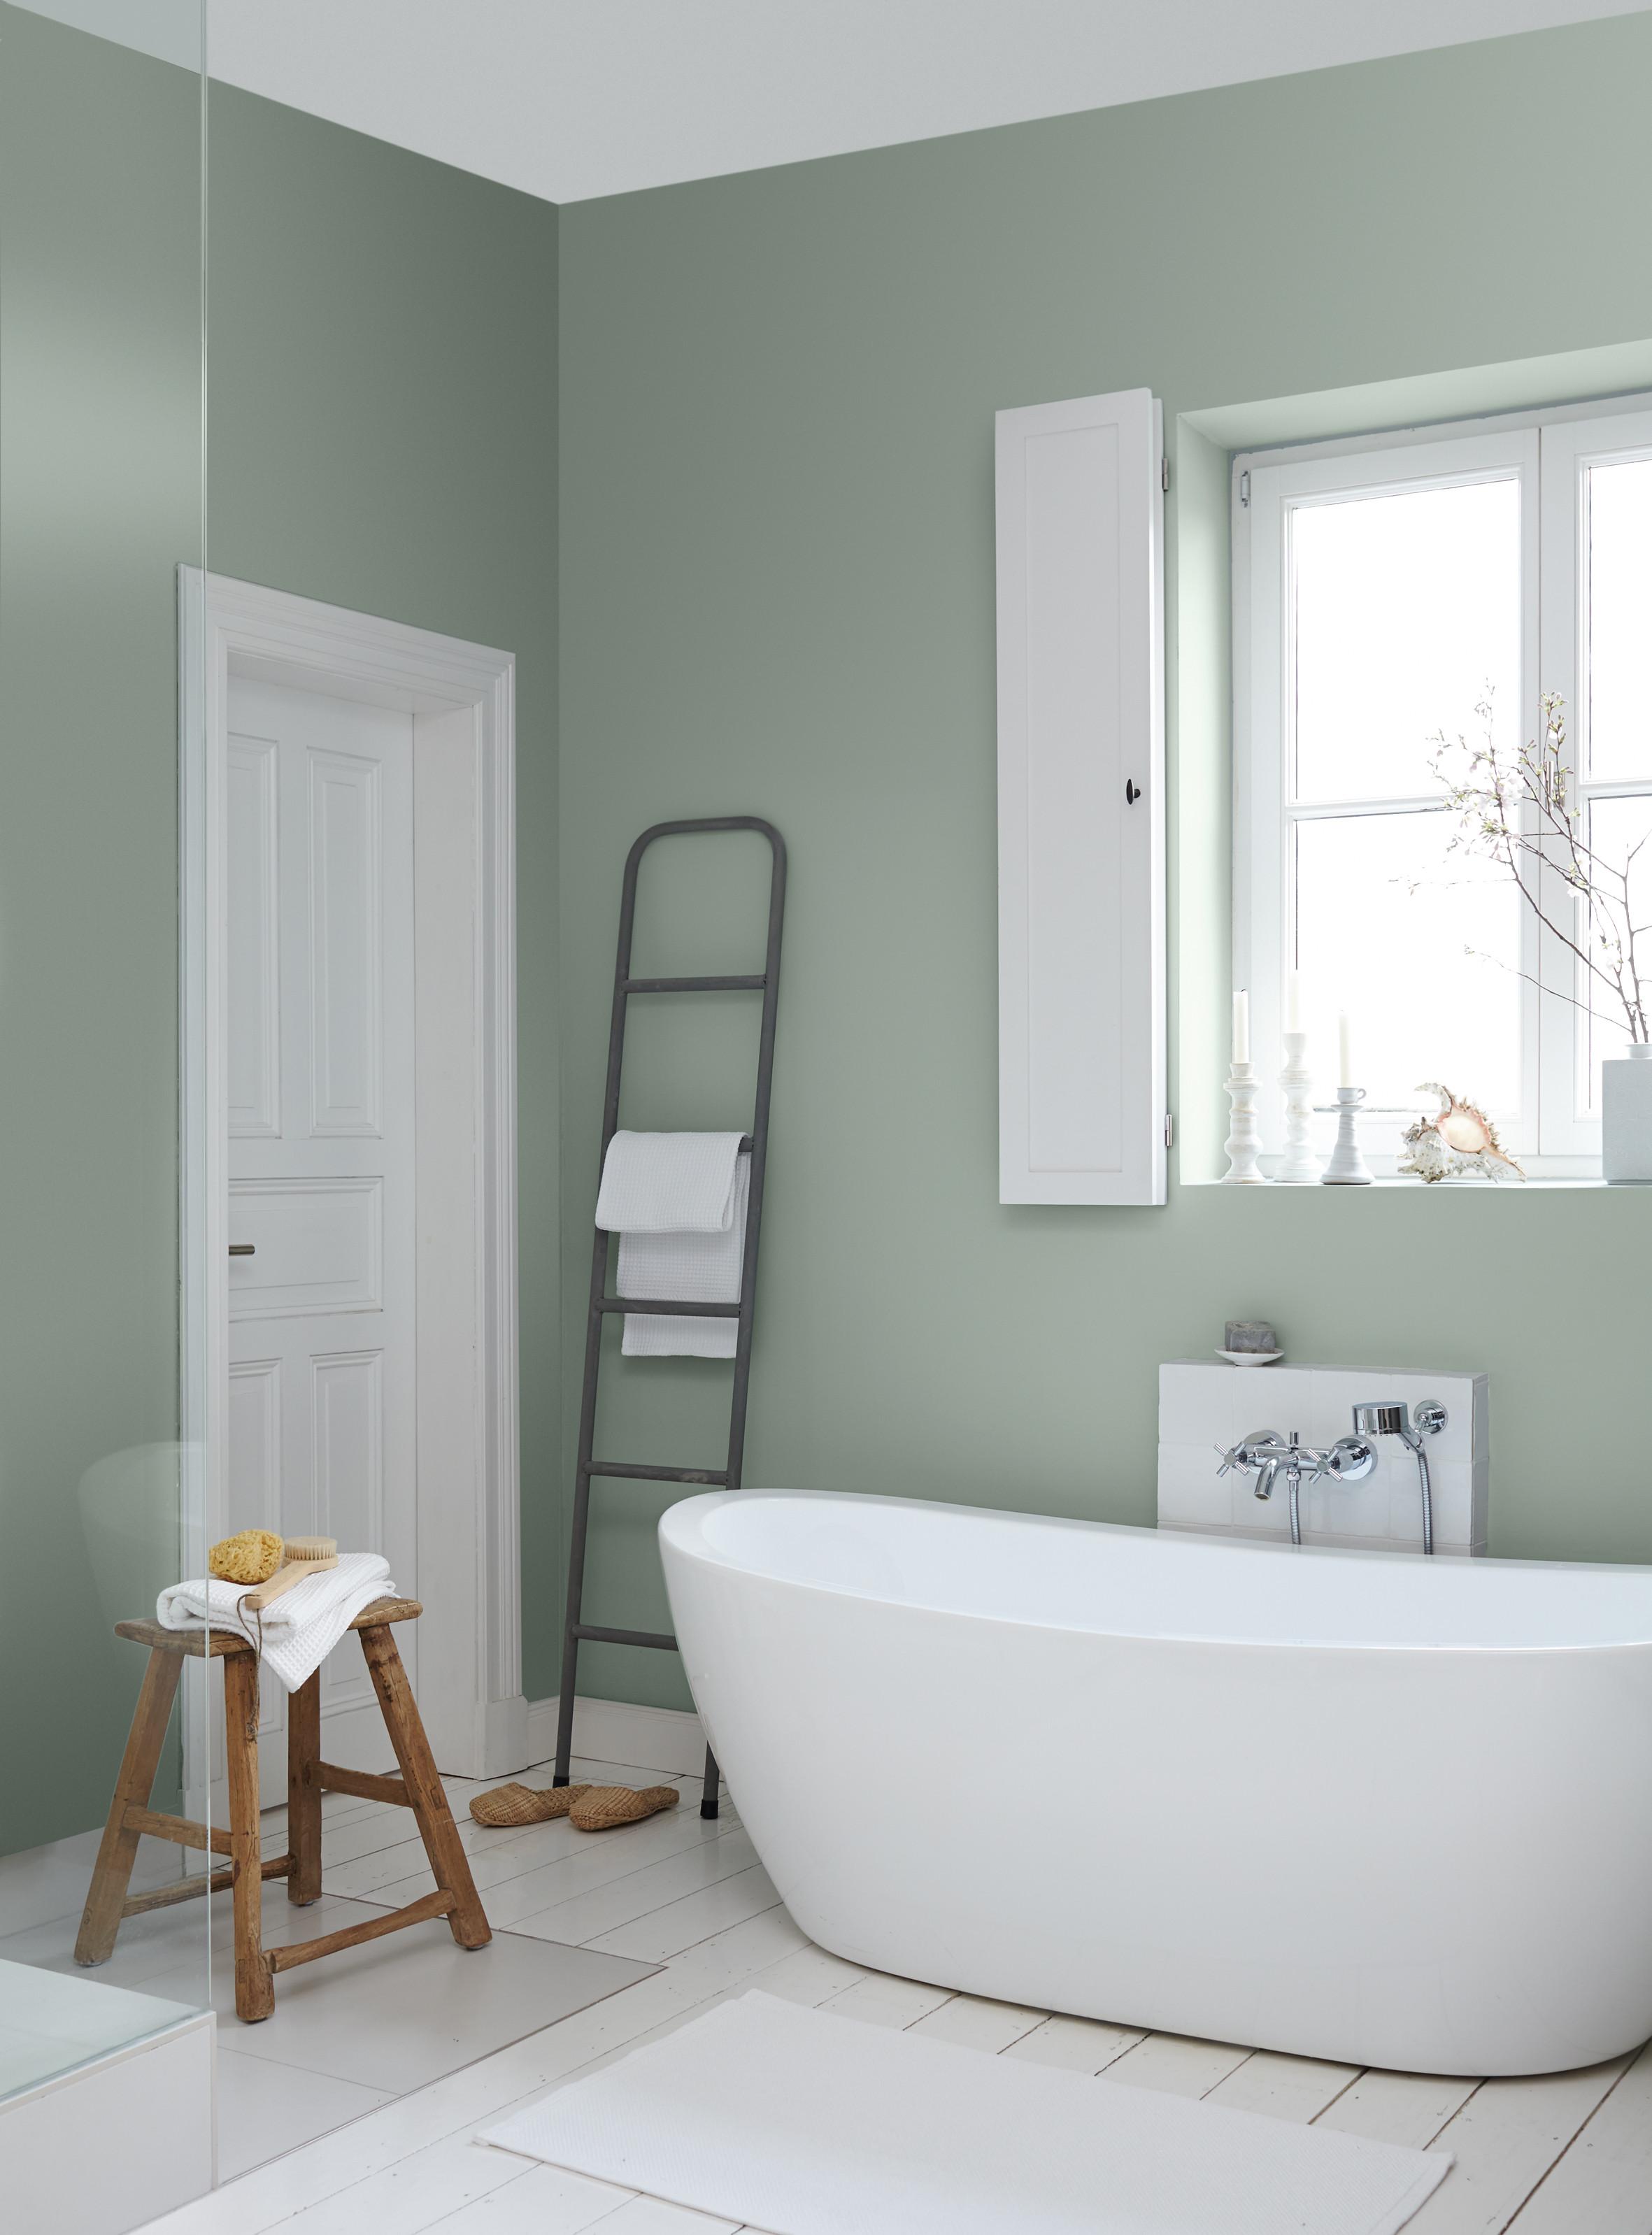 Badezimmer Farbe  Ideen fürs Streichen und Gestalten vom Bad Alpina Farbe